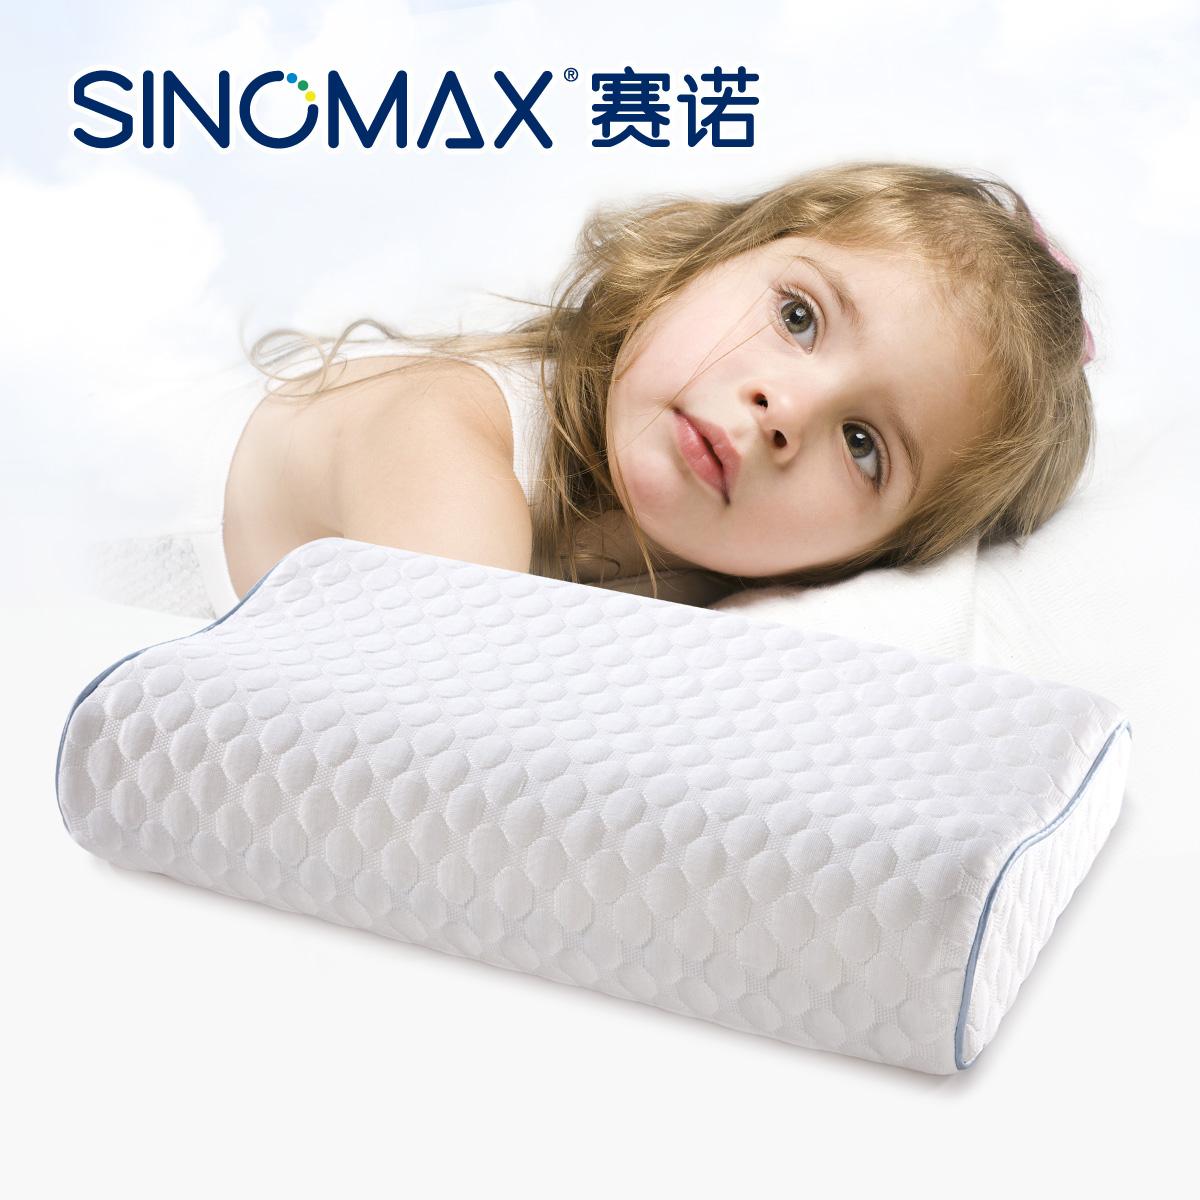 SINOMAX赛诺儿童枕头冬暖夏凉版记忆棉枕头慢回弹学生枕三层可调